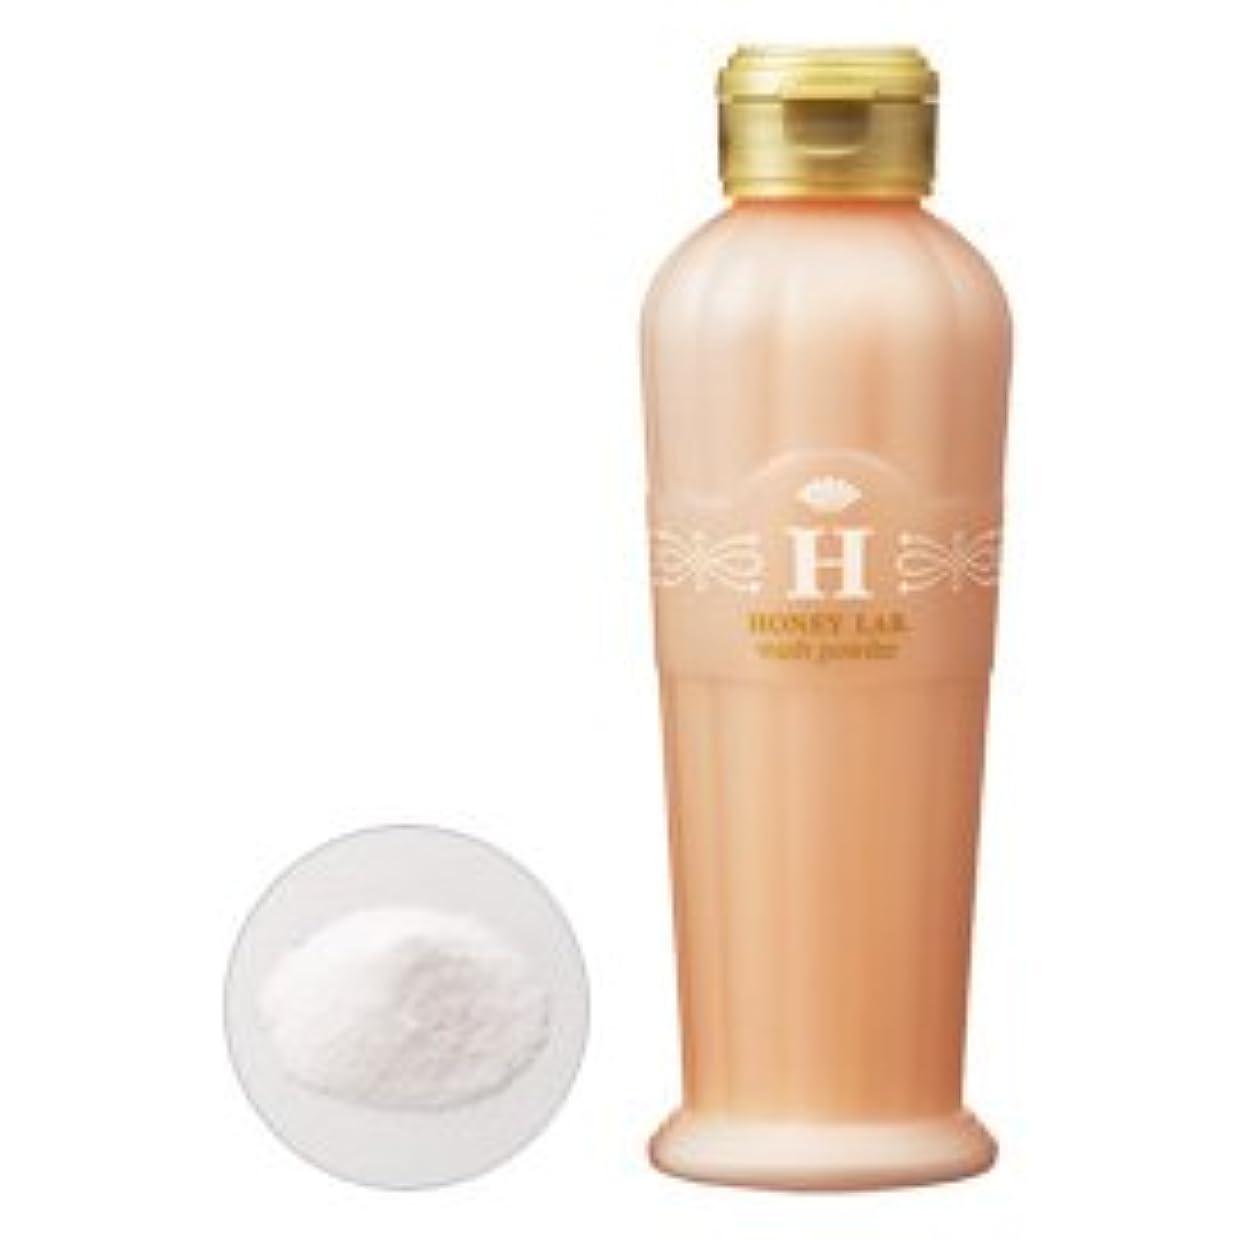 ラテン天気シーケンスハニーラボ 洗顔パウダー 粉末状洗顔料 60g/Honey lab Face Wash Powder <60g>